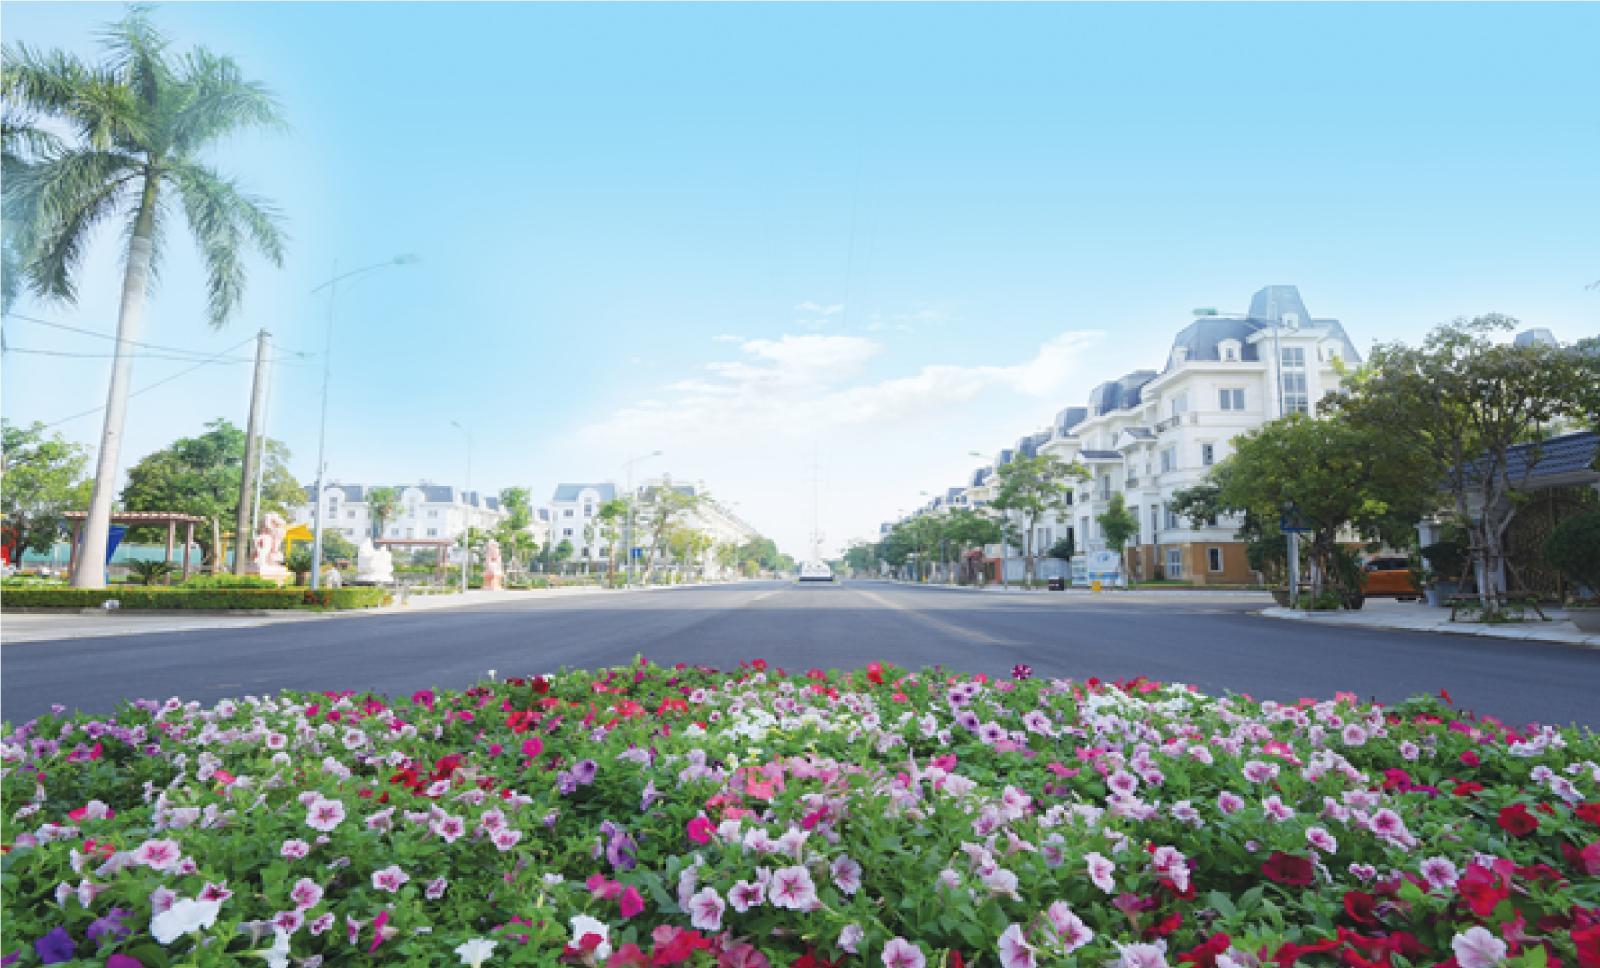 Ảnh chụp một vườn hoa nhỏ, phía trước là con đường, hai bên đường là các công trình nhà ở